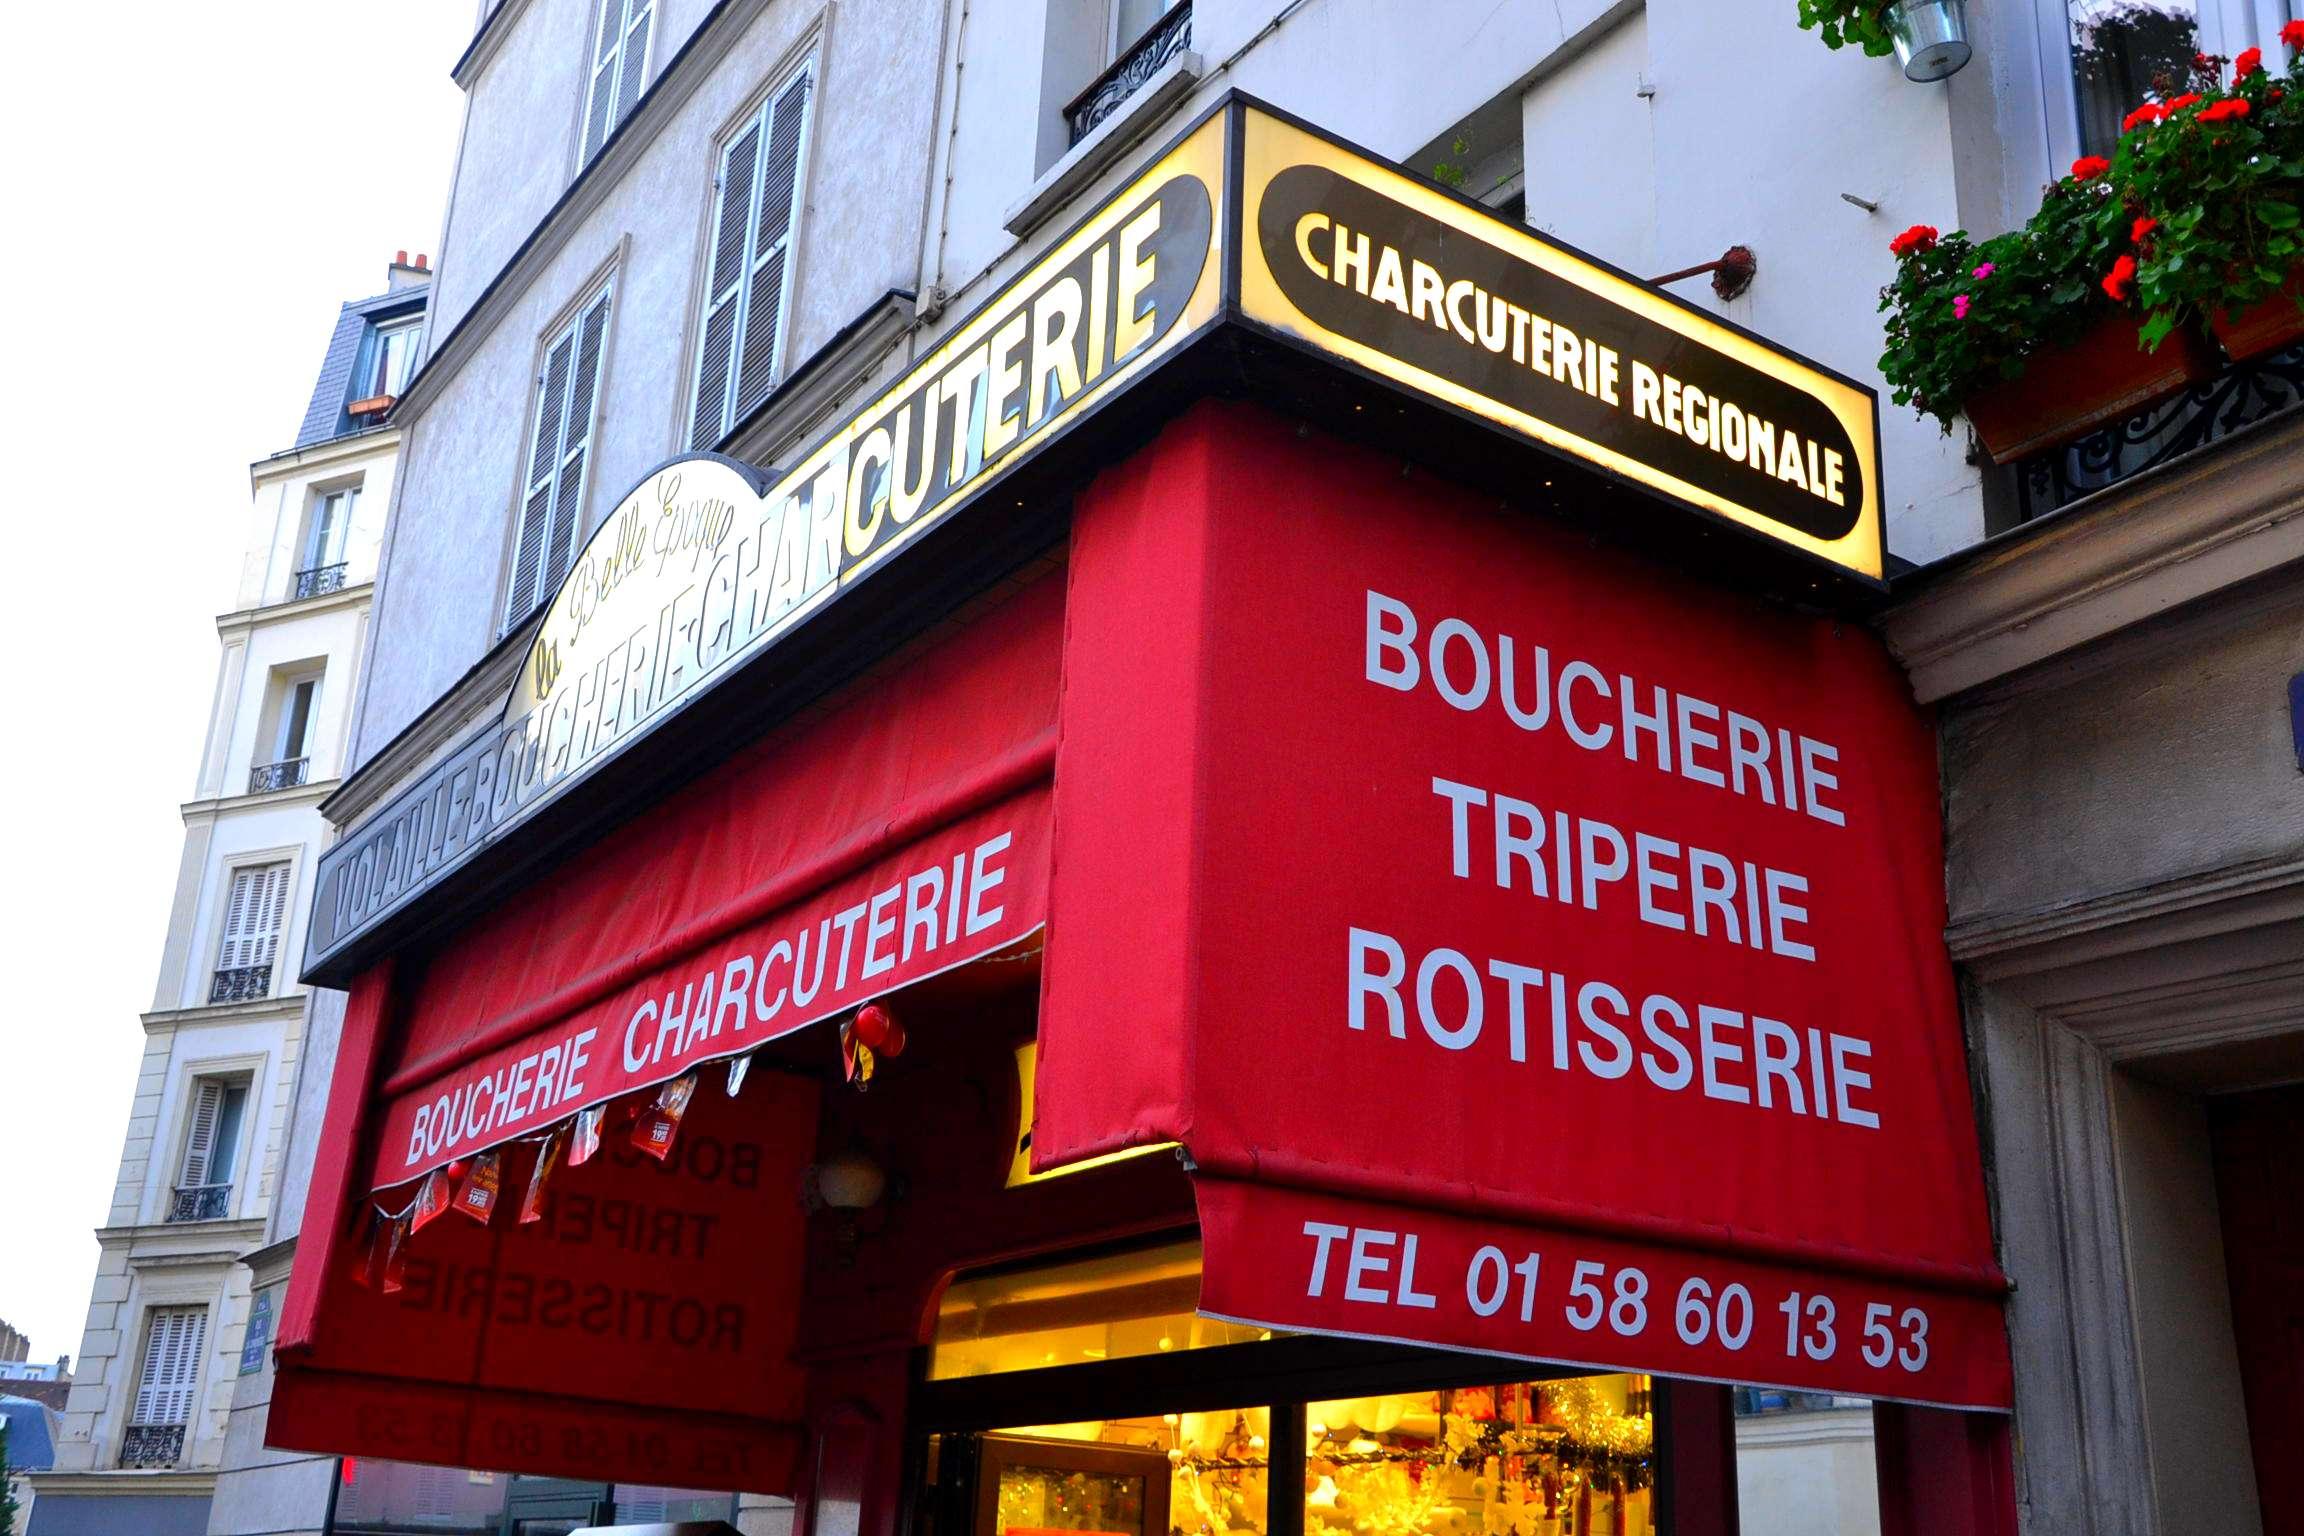 boucherie charcuterie triperie la belle époque paris 17 rue de la jonquière petits commerces petitscommerces.fr. 3